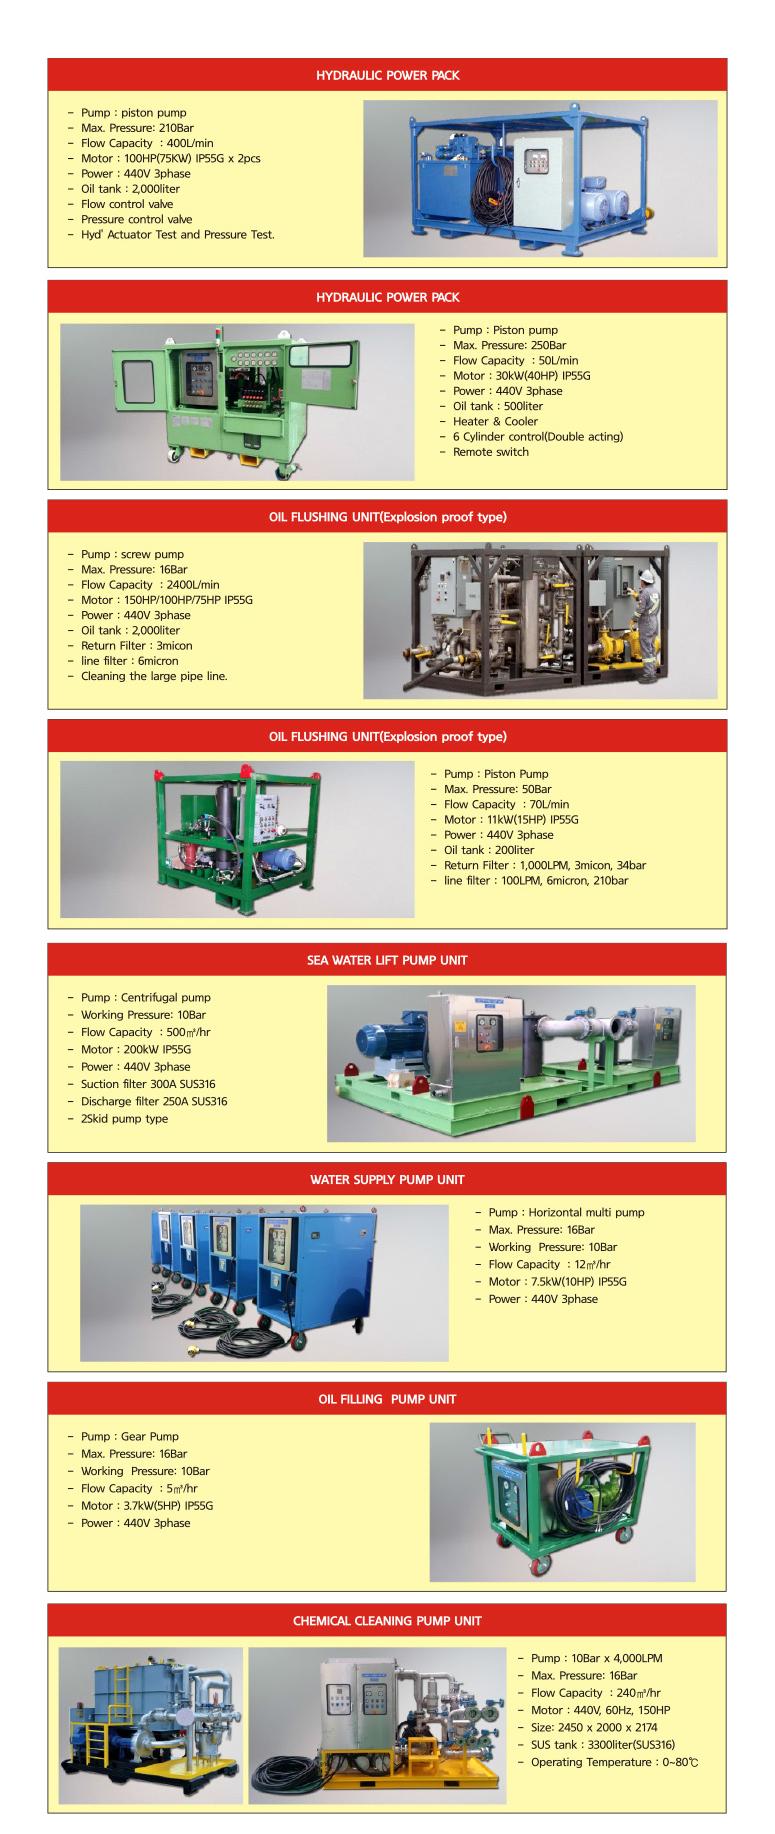 DAEHA Hydraulic Pressure Pump Unit  2